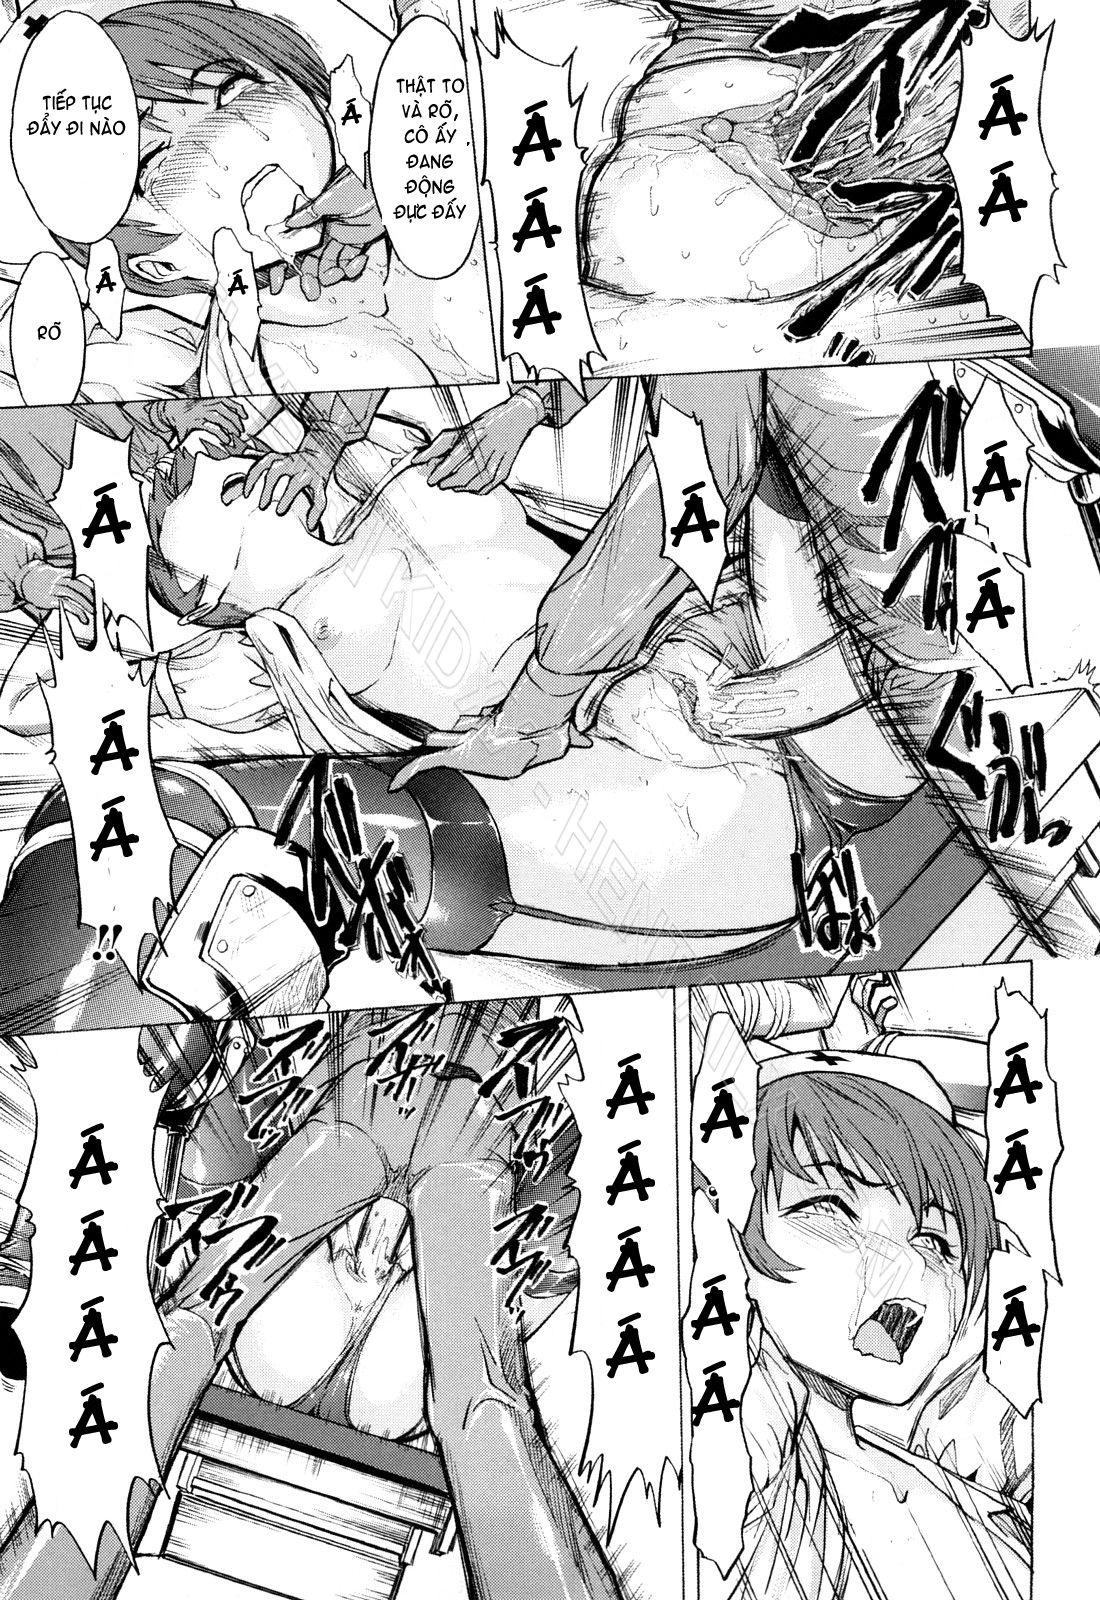 Hình ảnh historically lame www.hentairules.net 049 trong bài viết Phang nát bướm em đi